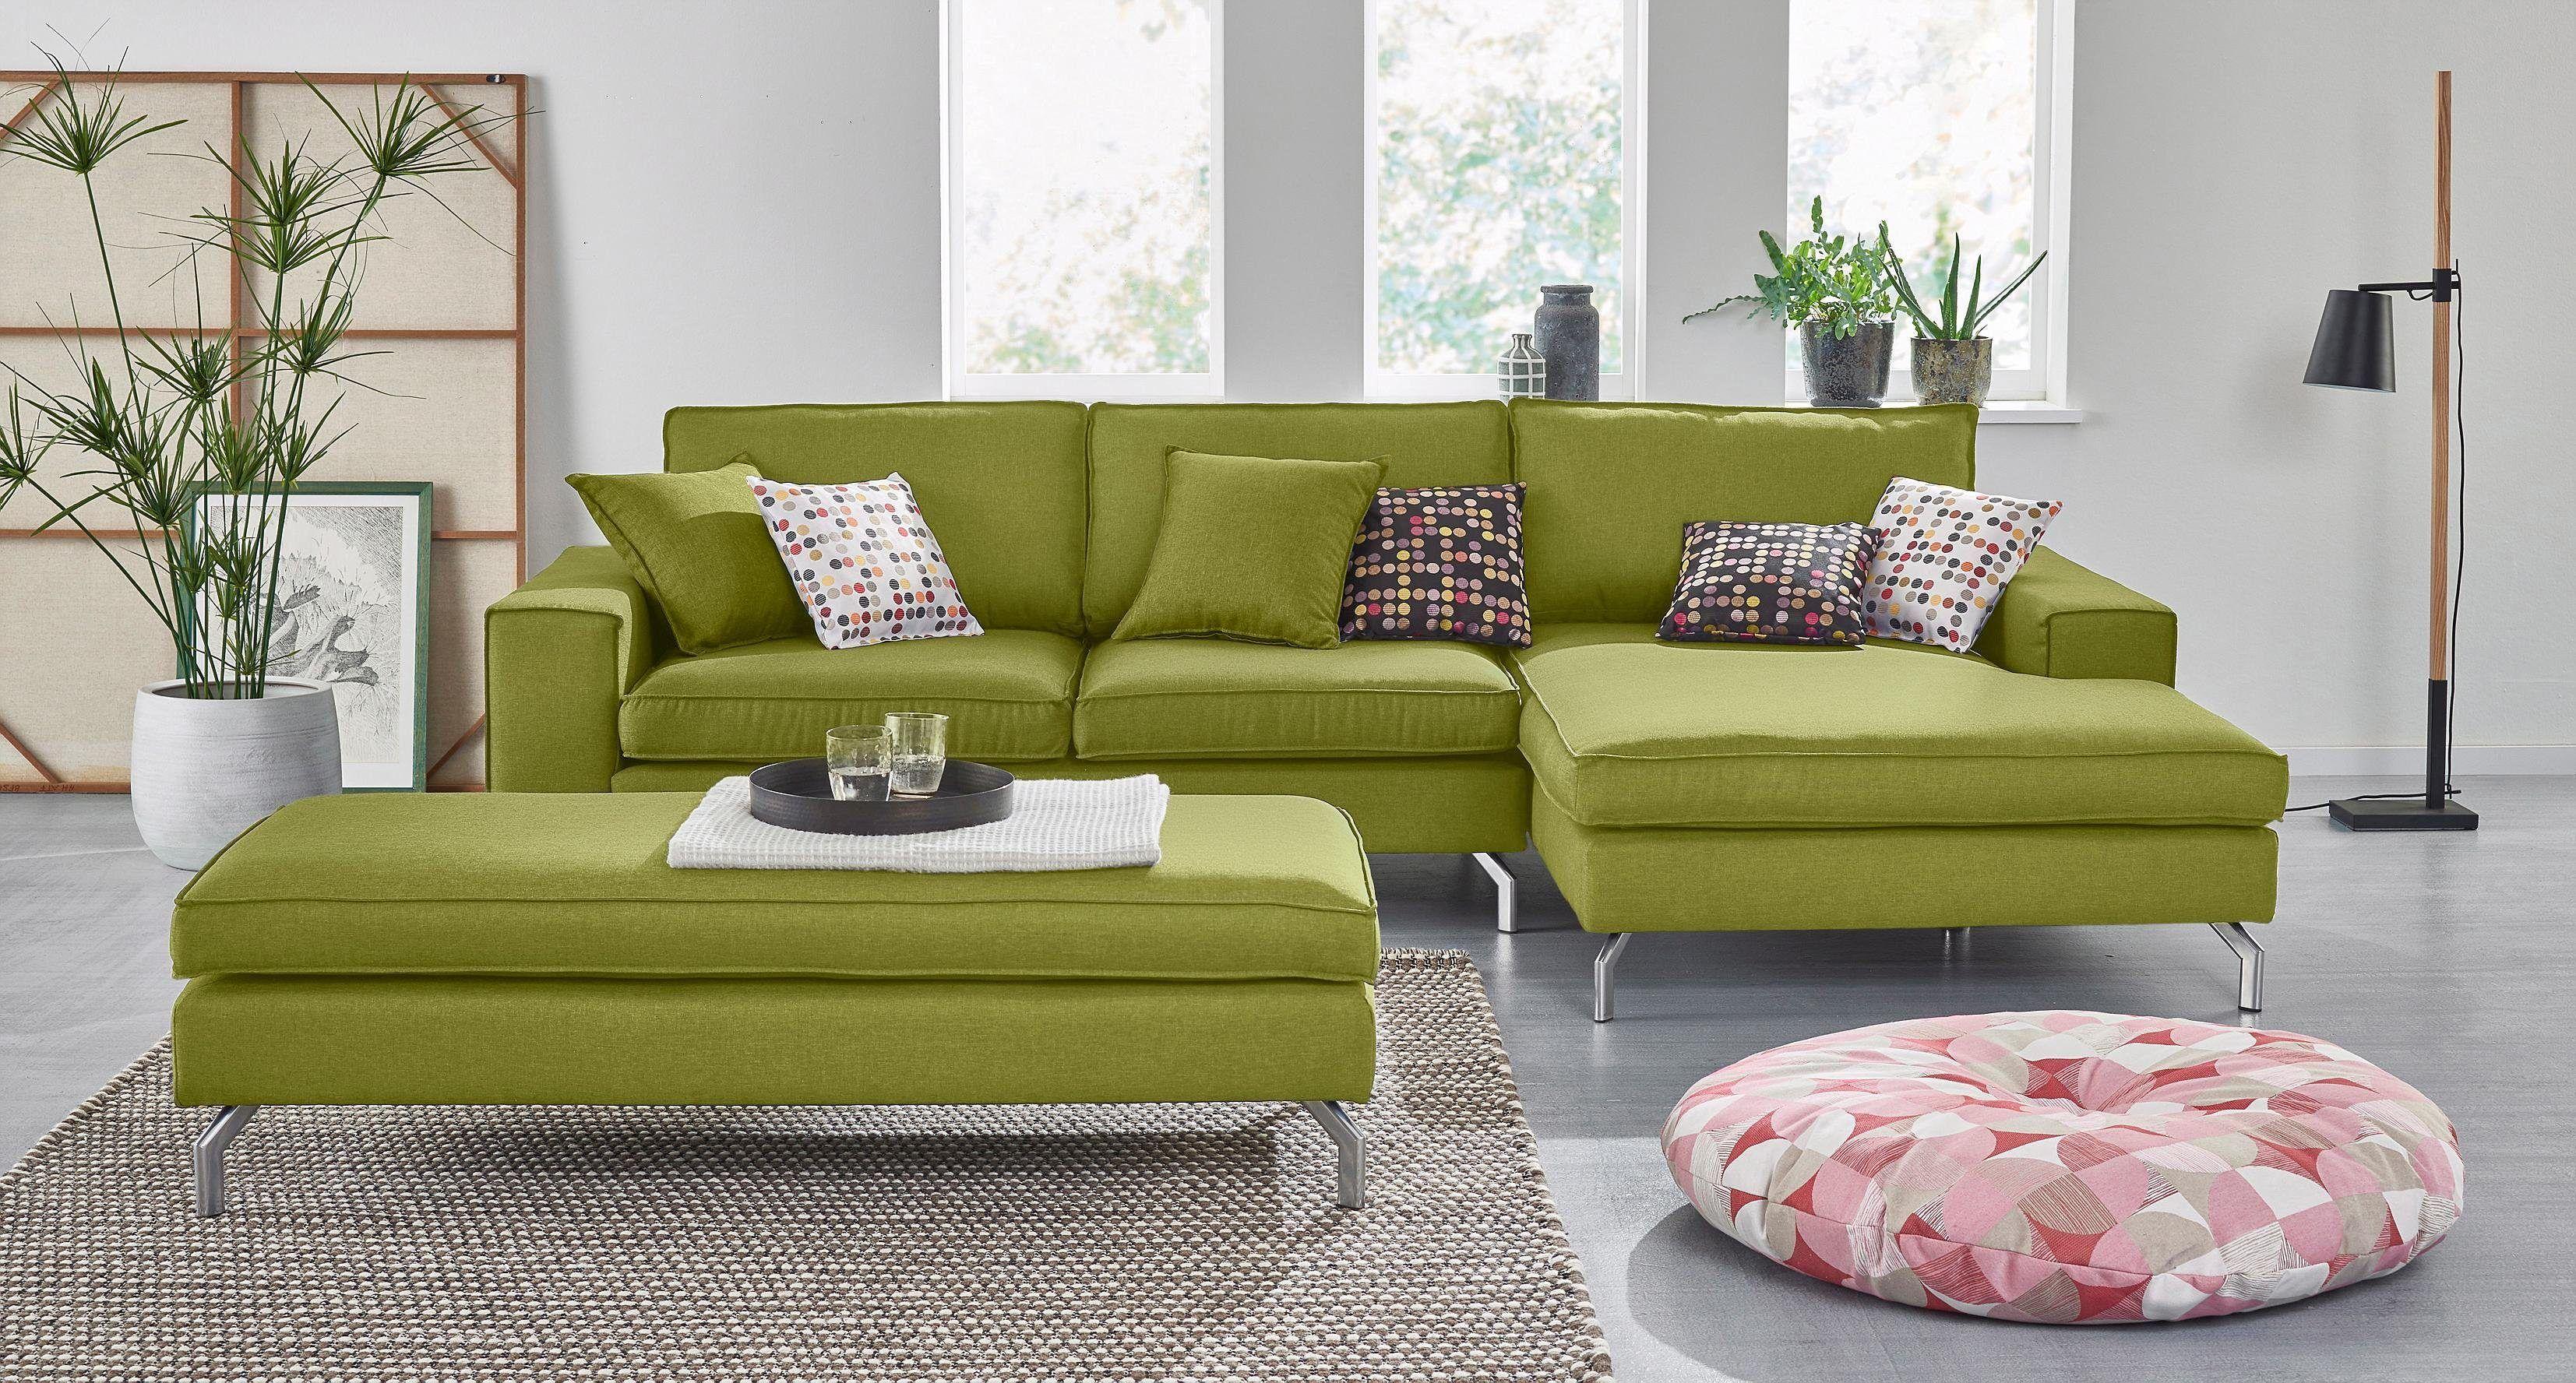 Ecksofas Design max winzer ecksofa grün recamiere rechts florian fsc